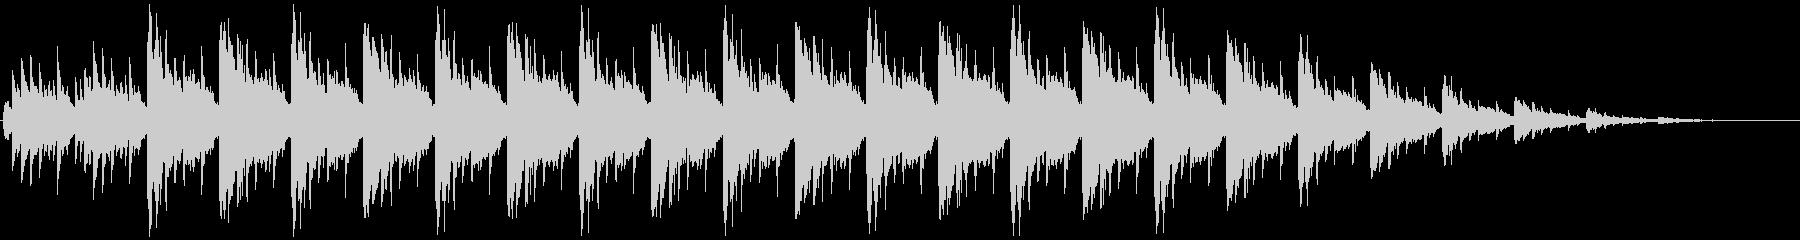 バリ島での祭りをイメージした電子音楽ですの未再生の波形